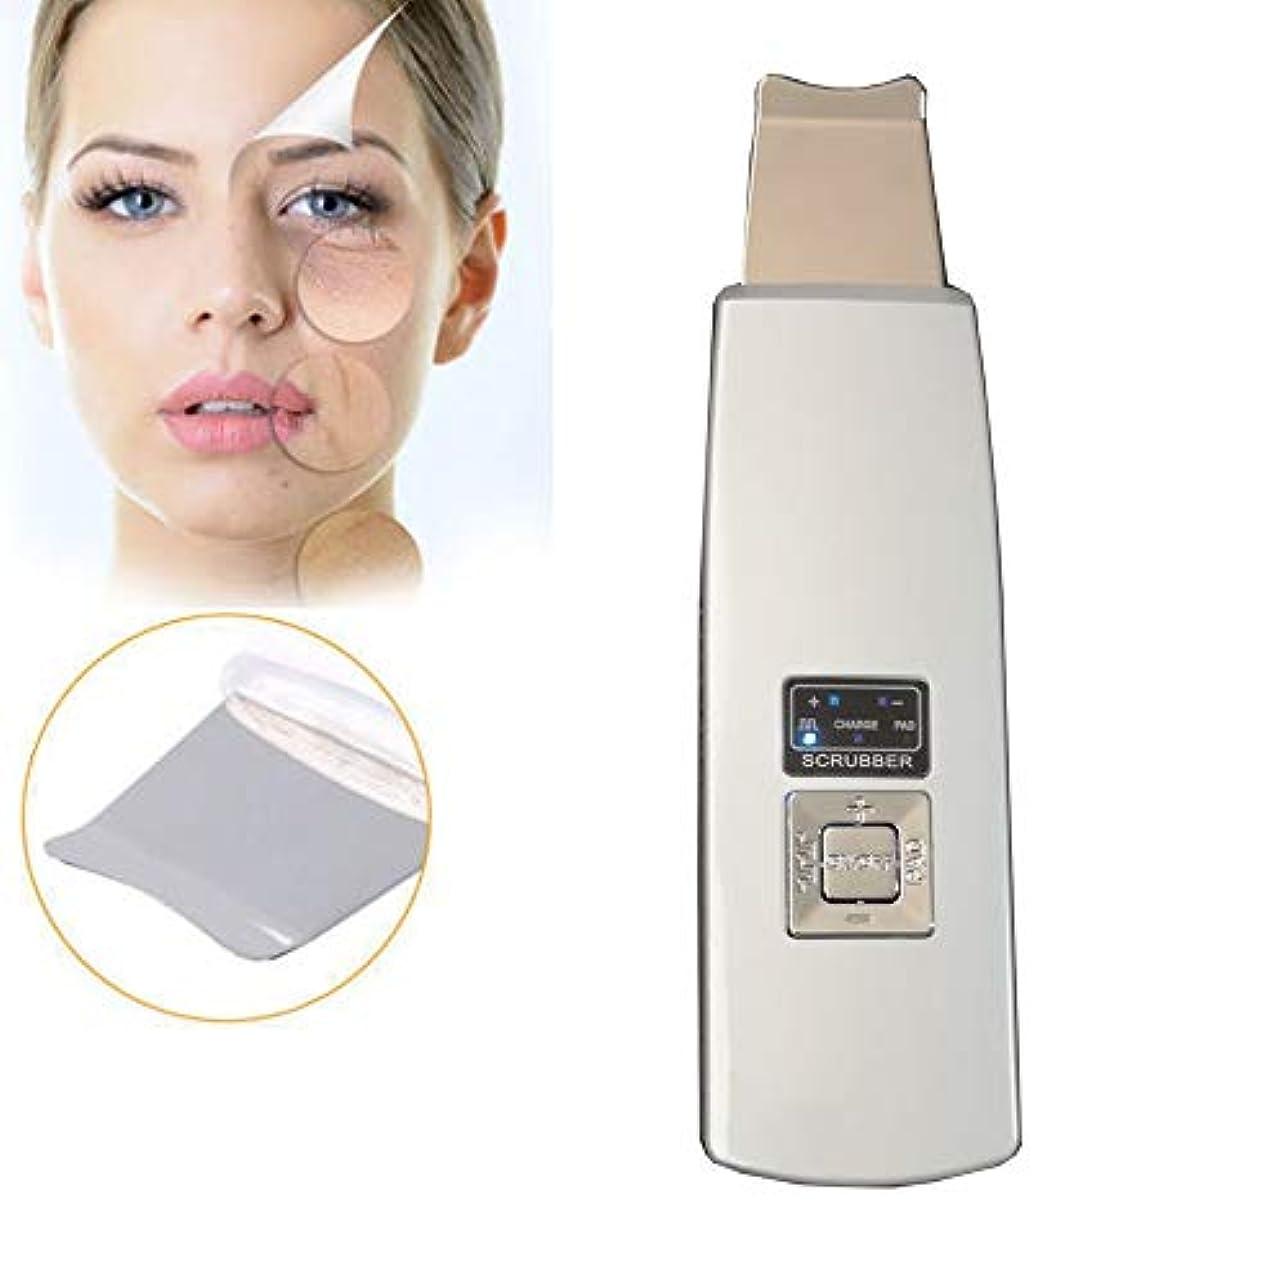 ヒップ買い手今顔の皮膚のスクラバー、ポータブル?フェイシャル超音波超音波イオンスキンケアスクラバーデバイス美容機は、ブラックヘッド面皰死んだ皮膚の除去を削除する方法